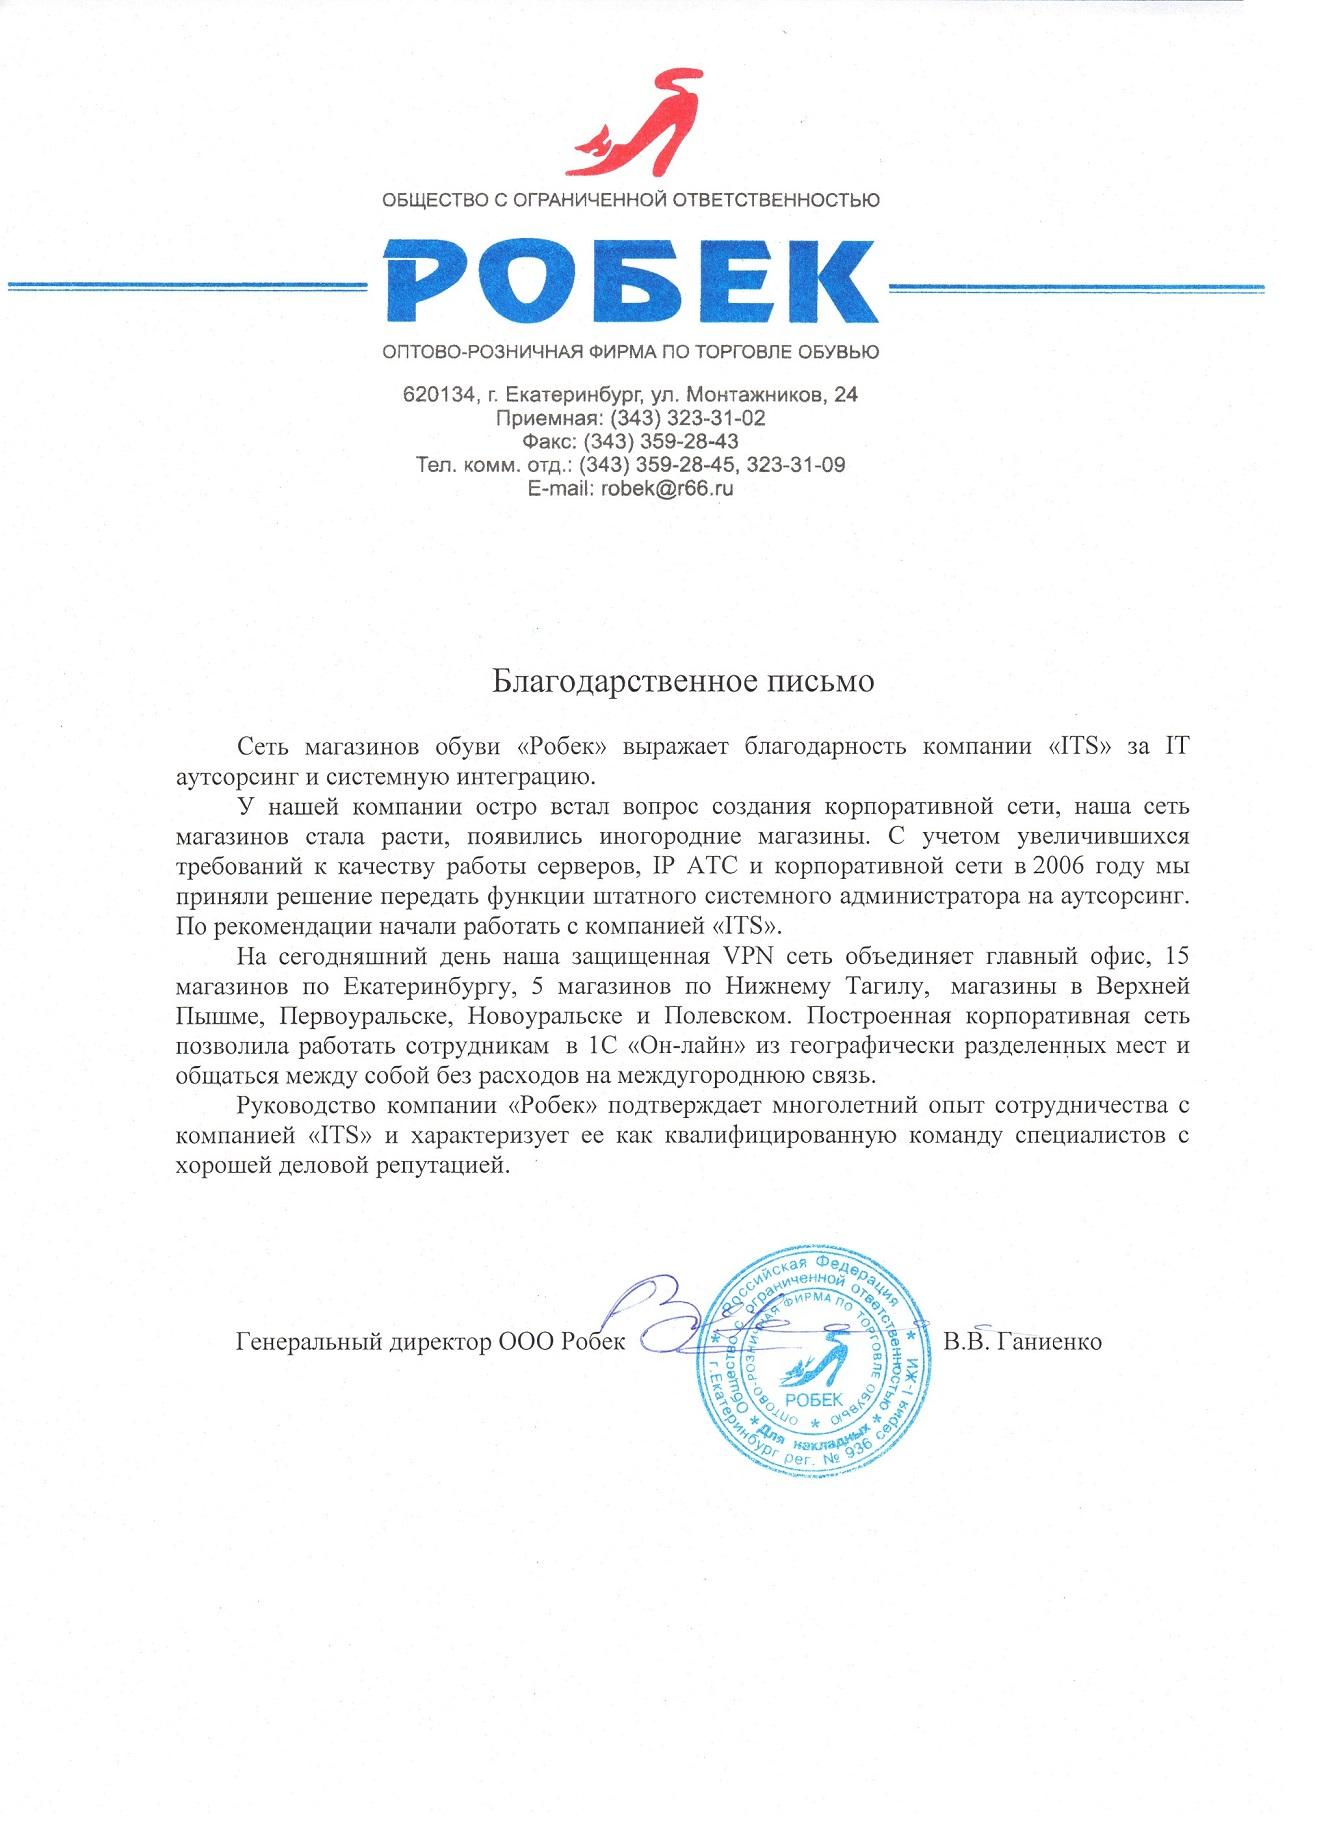 Электронный адрес дата-центра г.москва купить внешнюю видеокарту к ноутбуку samsung